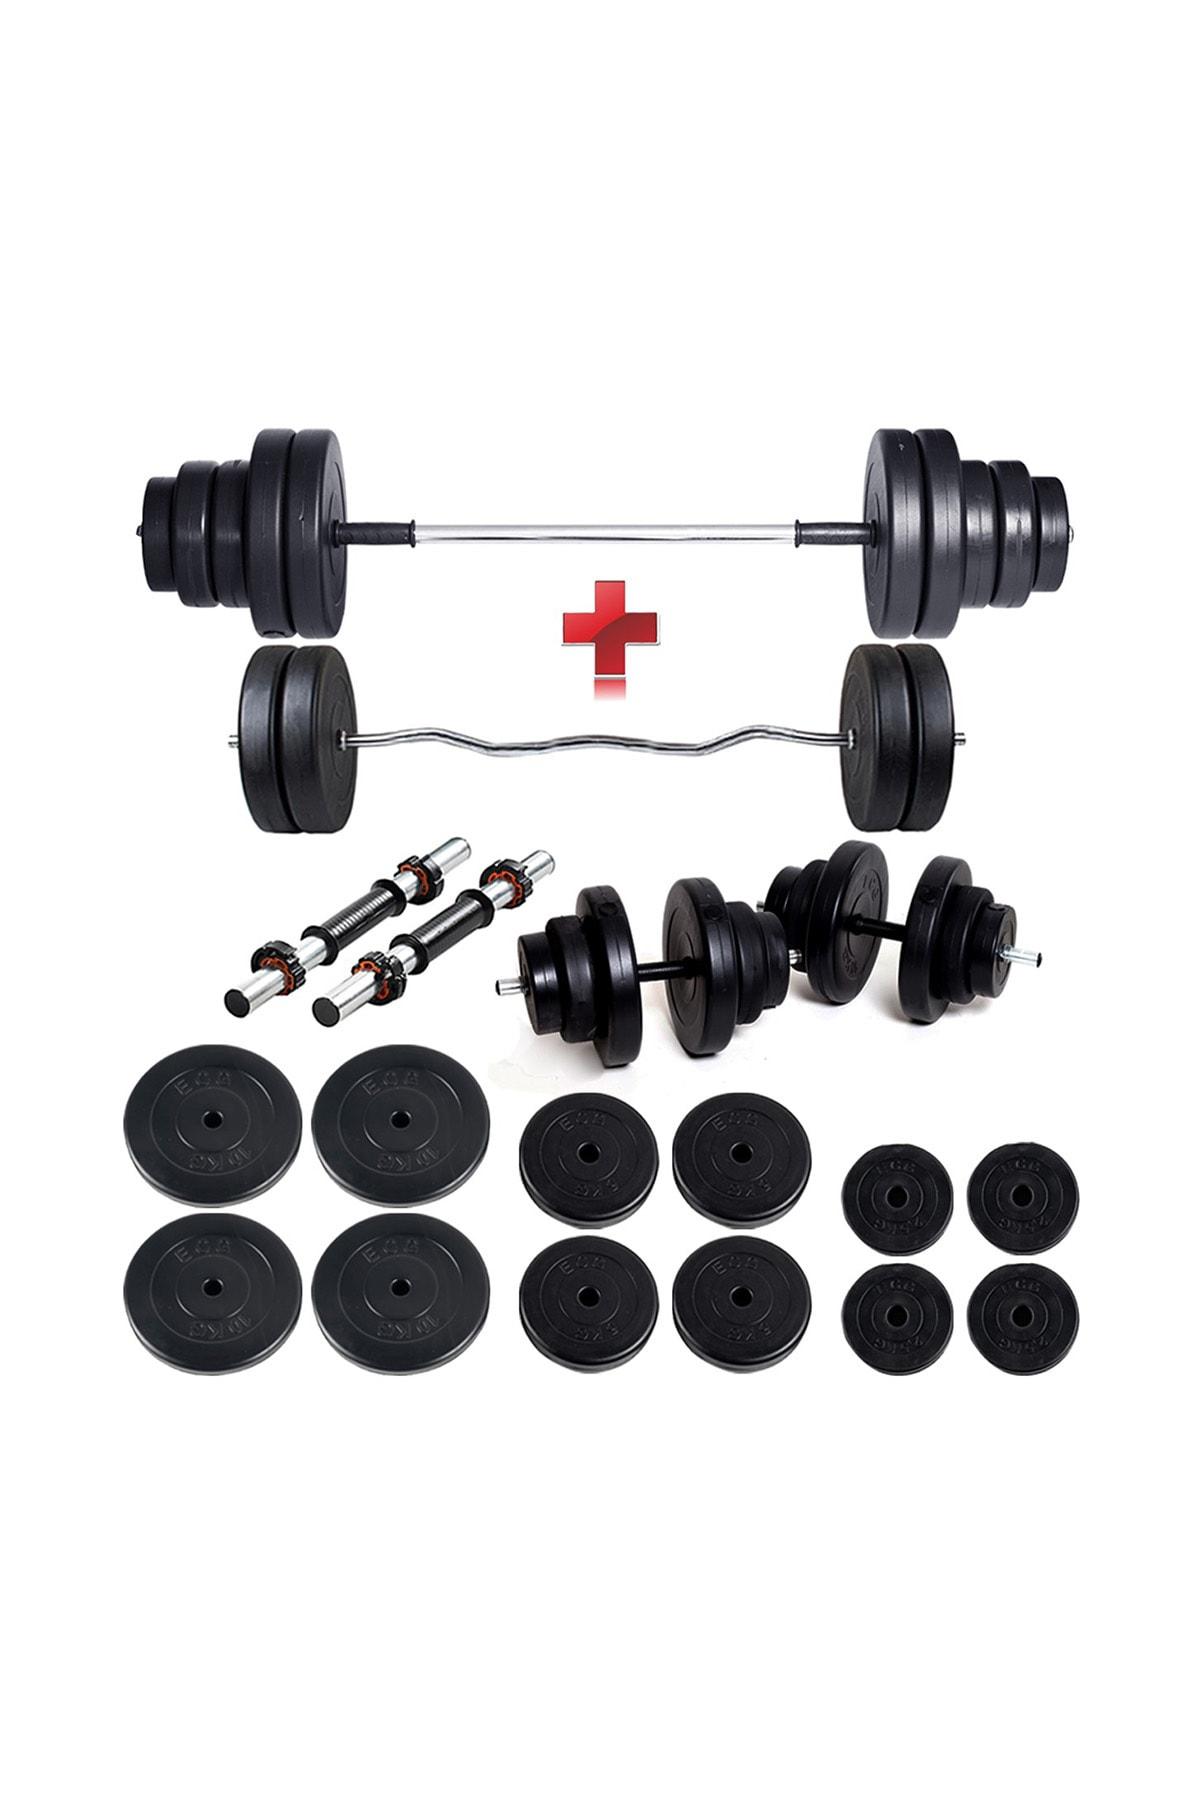 ECG spor 78 Kg Z BAR Halter Seti ve Dambıl Seti Ağırlık Fitness Seti 0